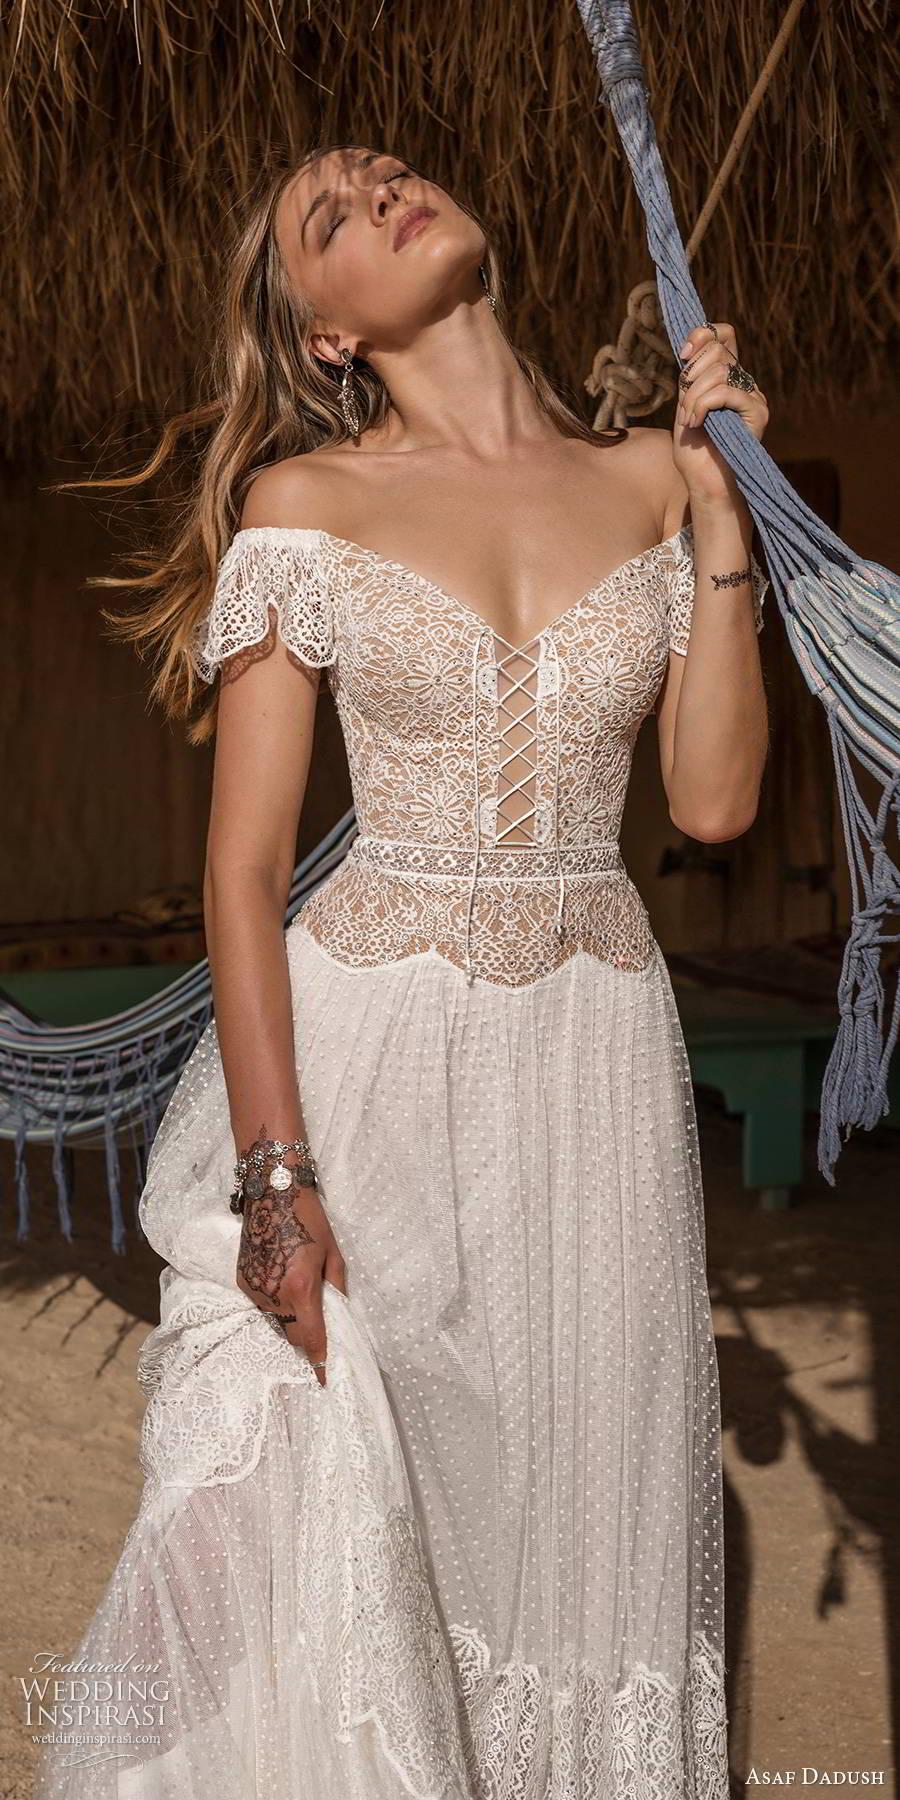 asaf dadush 2019 bridal flutter sleeves off shoulder v neckline embellished bodice romantic boho a line wedding dress (11) zv